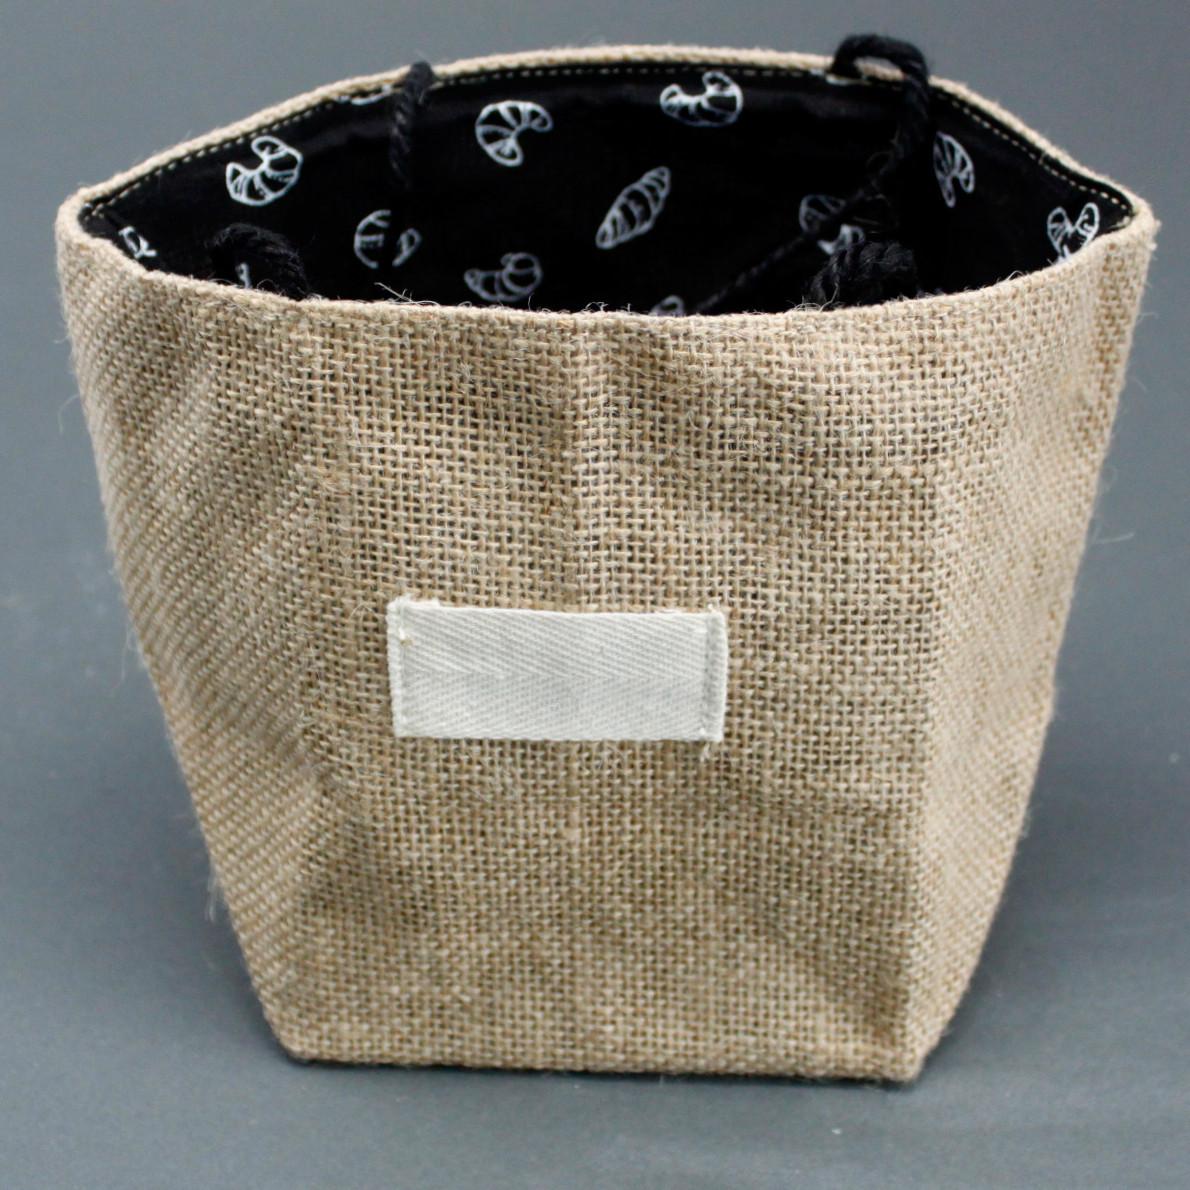 Natural Jute Cotton Gift Bag Black Lining Large